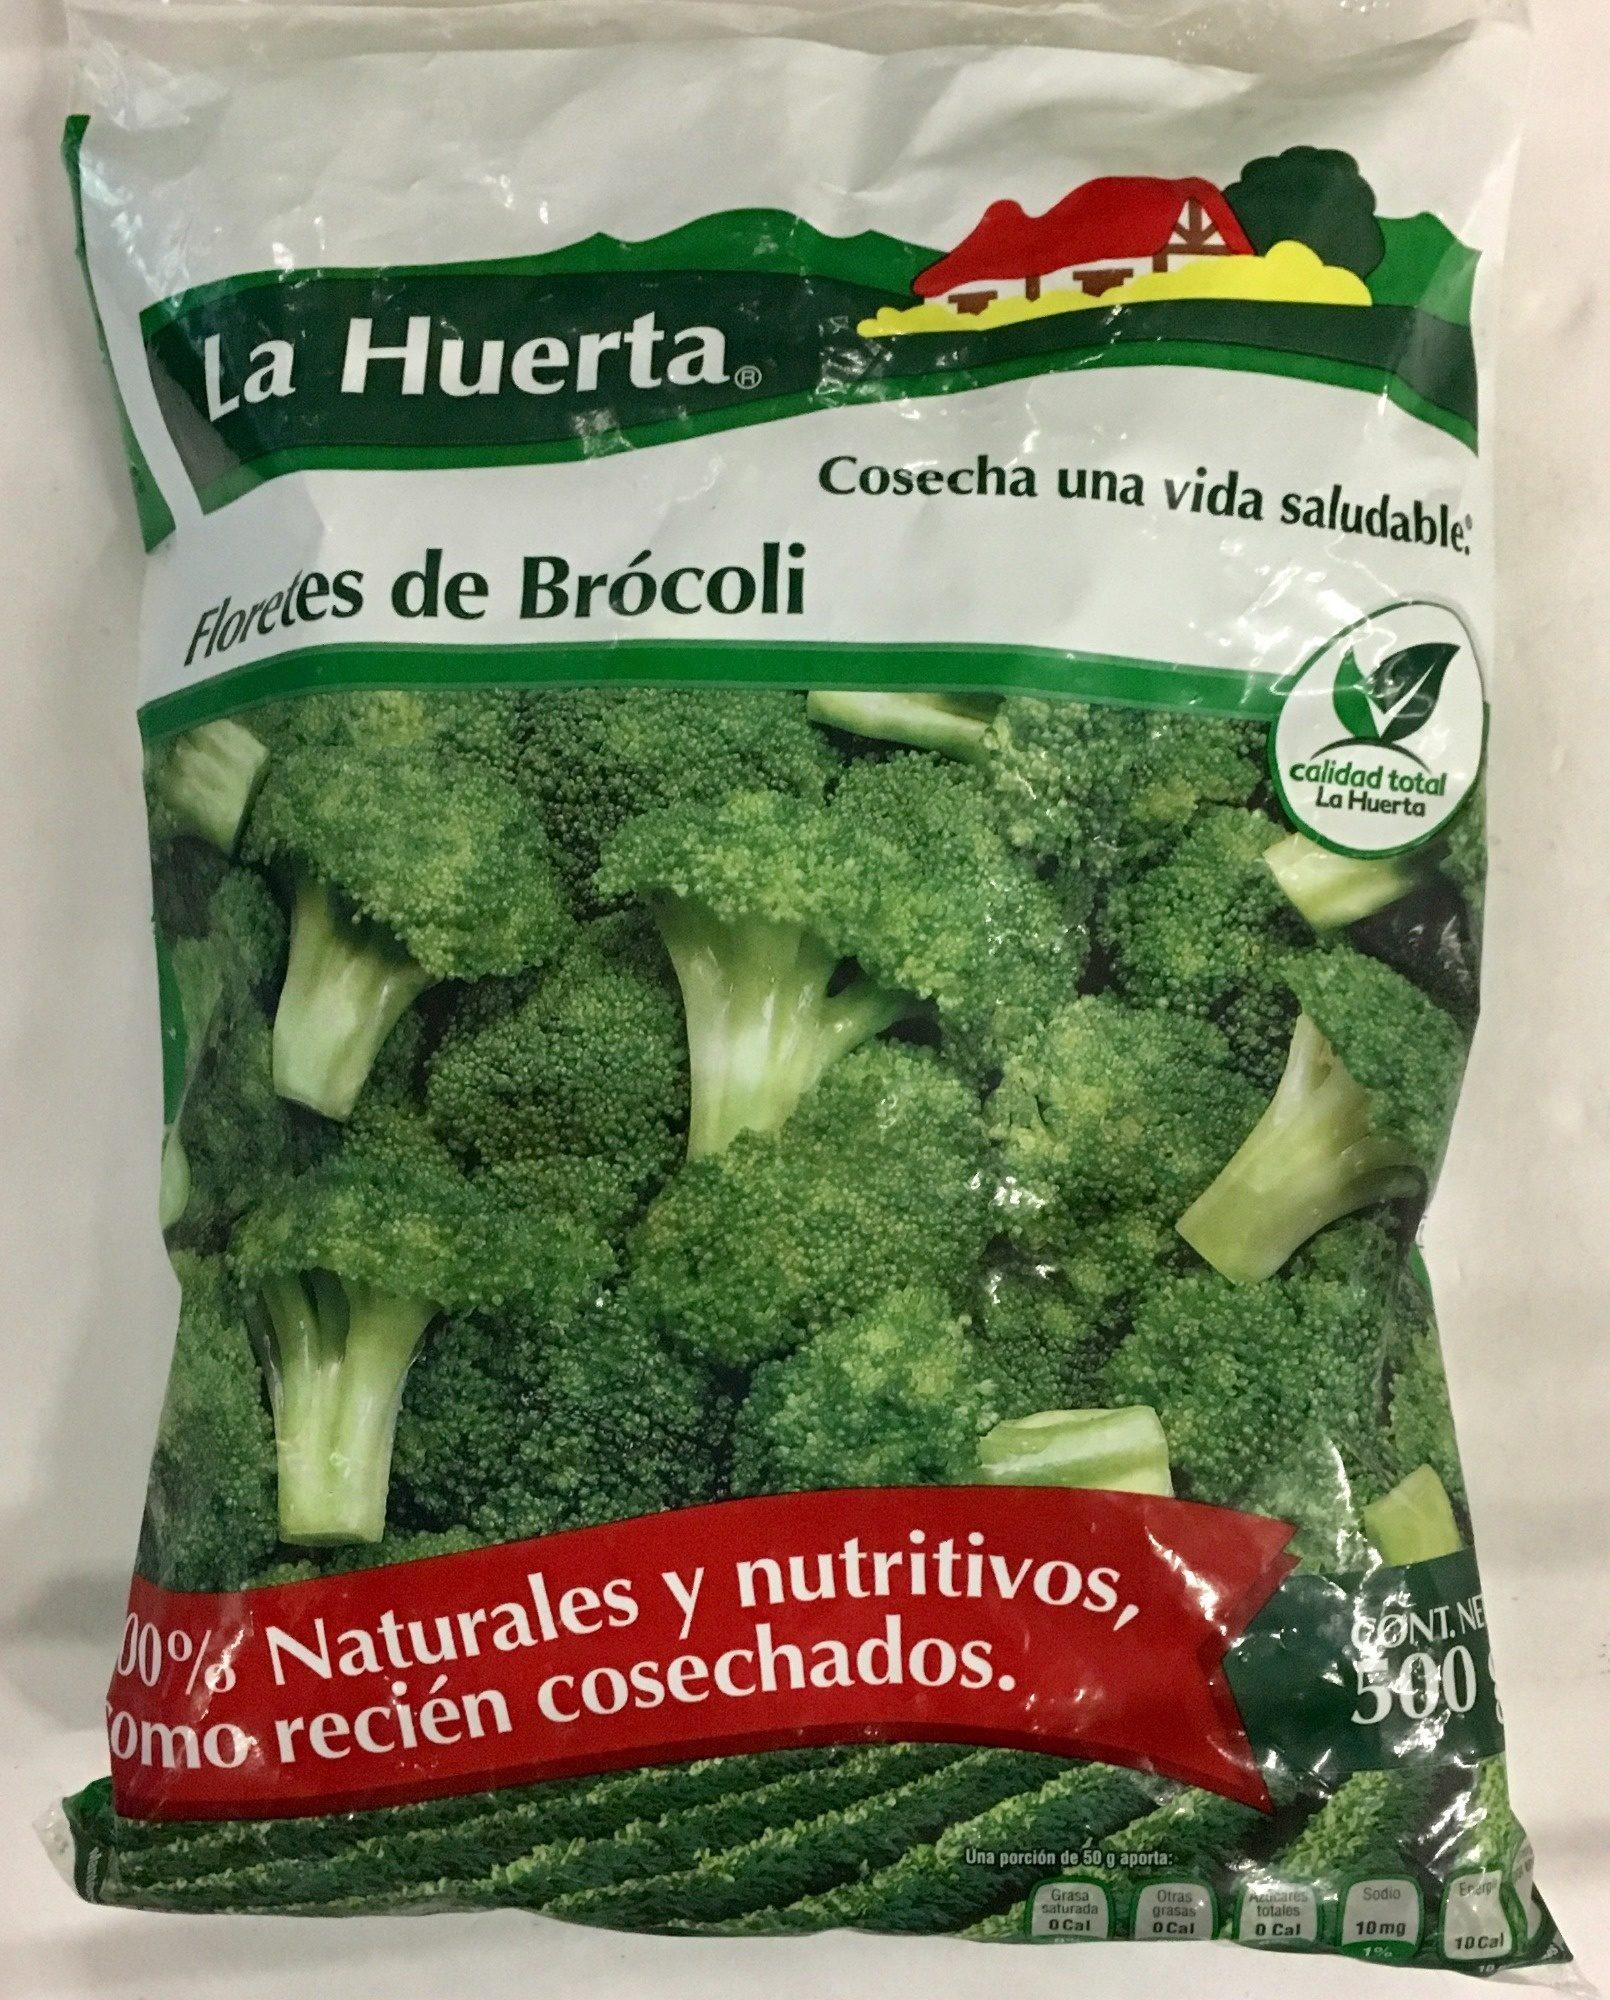 Floretes de Brócoli, La Huerta, - Product - es